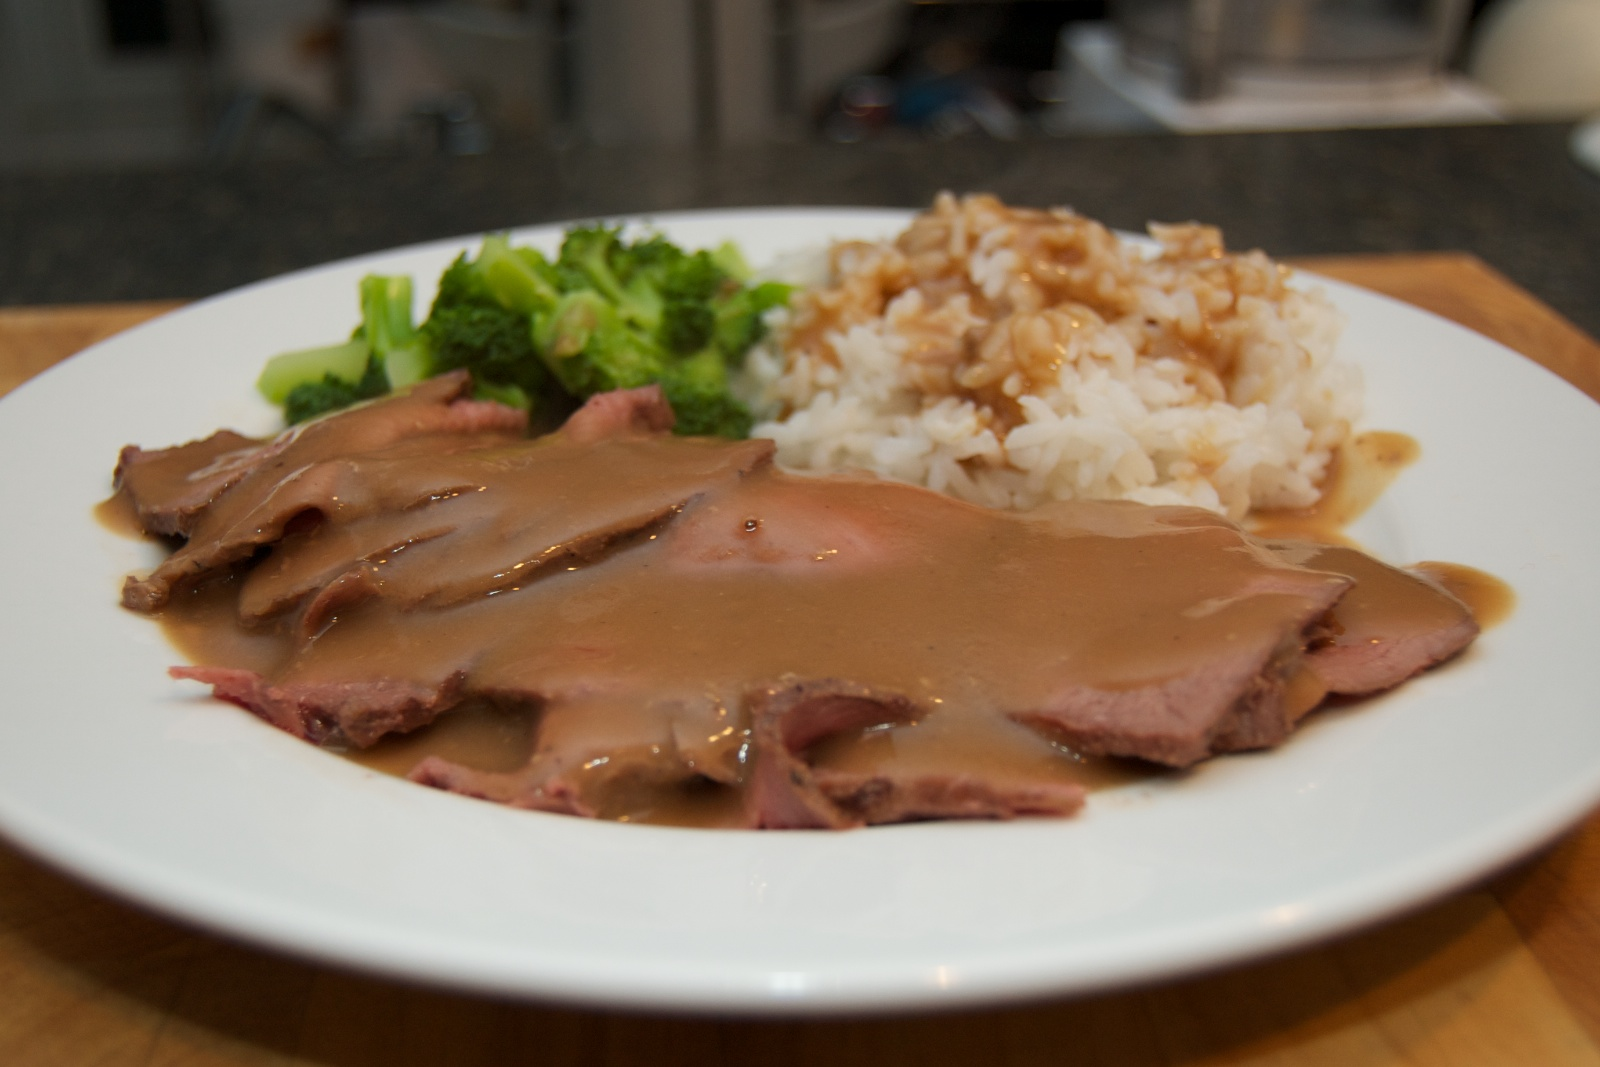 http://blog.rickk.com/food/2010/12/25/roastbeef4.jpg